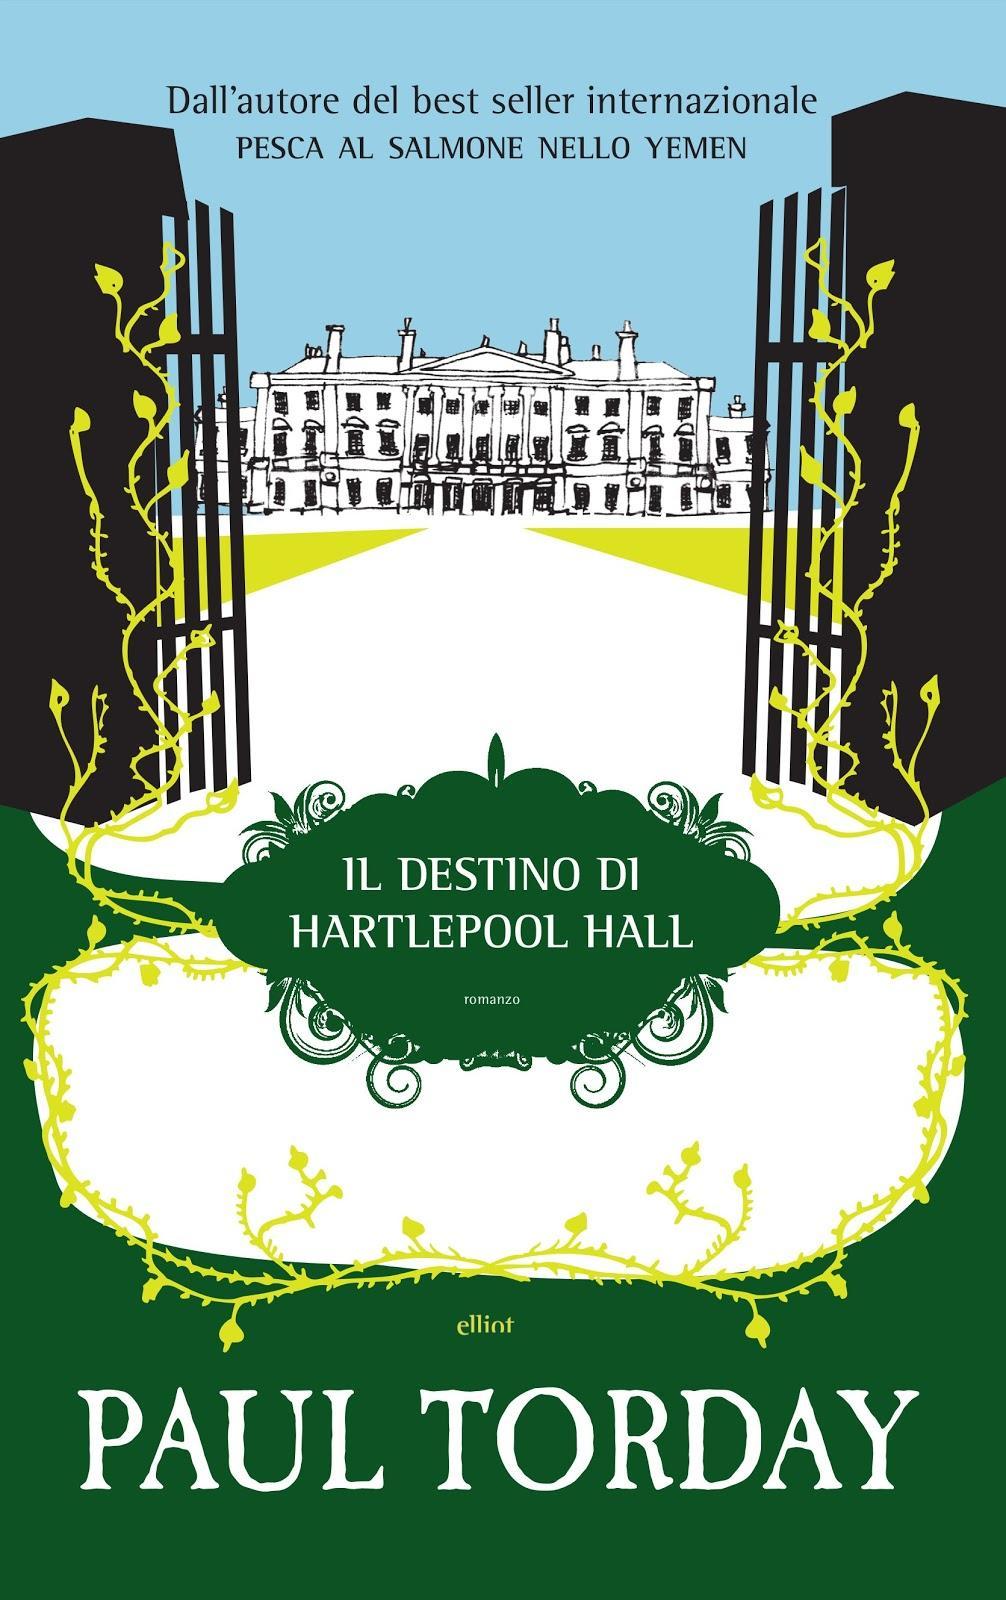 Il-destino-di-hartlepool-hall-di-pa-L-Sv403d